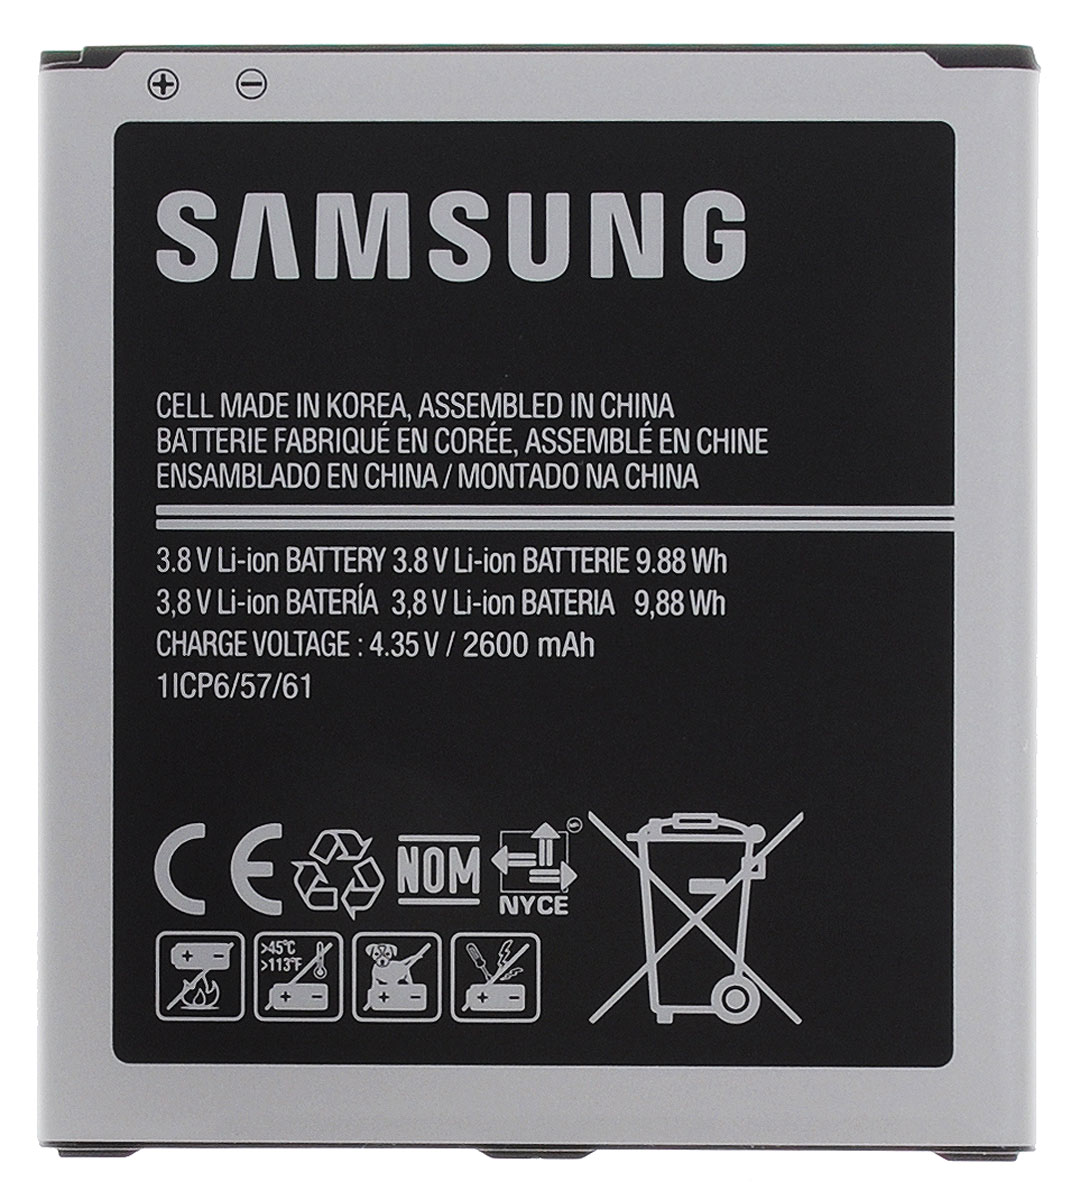 Samsung EB-BG530CBE аккумулятор для Galaxy Grand PrimeEB-BG530CBEGRUАккумулятор EB-BG530CBE для Samsung Galaxy Grand Prime является важным аксессуаром, от которого зависит качество работы смартфона. Также он может служить страховкой в долгой поездке и дополнять основной аккумулятор. Батарея имеет компактные размеры и не создаст лишнего веса при транспортировке. Отличное решение для тех, кому не хватает одной батареи, и у кого есть потребность в том, что бы устройство было доступно в течении долгого времени без необходимости поиска места для его зарядки.